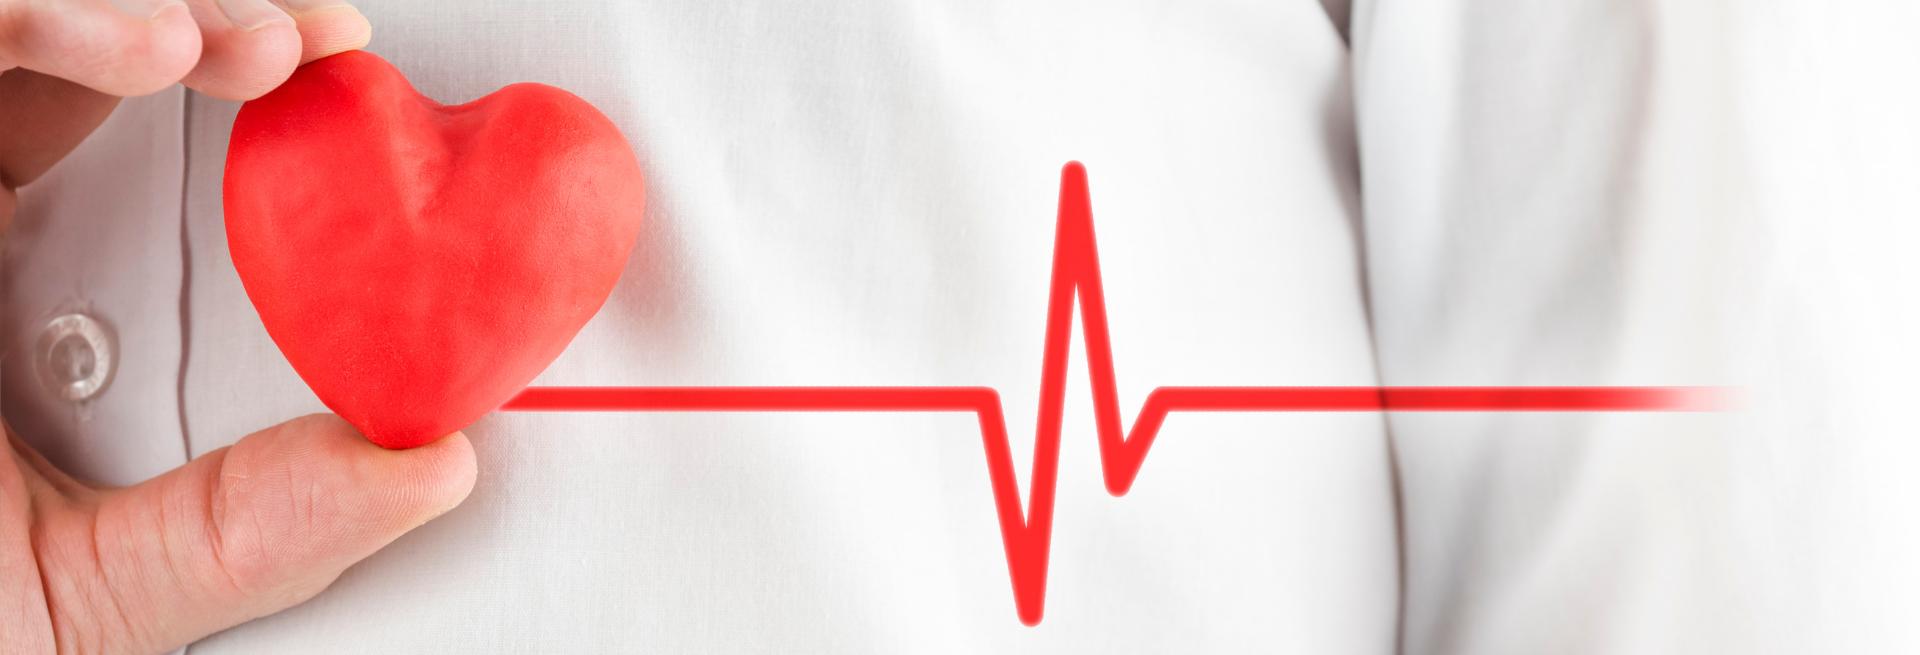 ekg kardiolog wawer